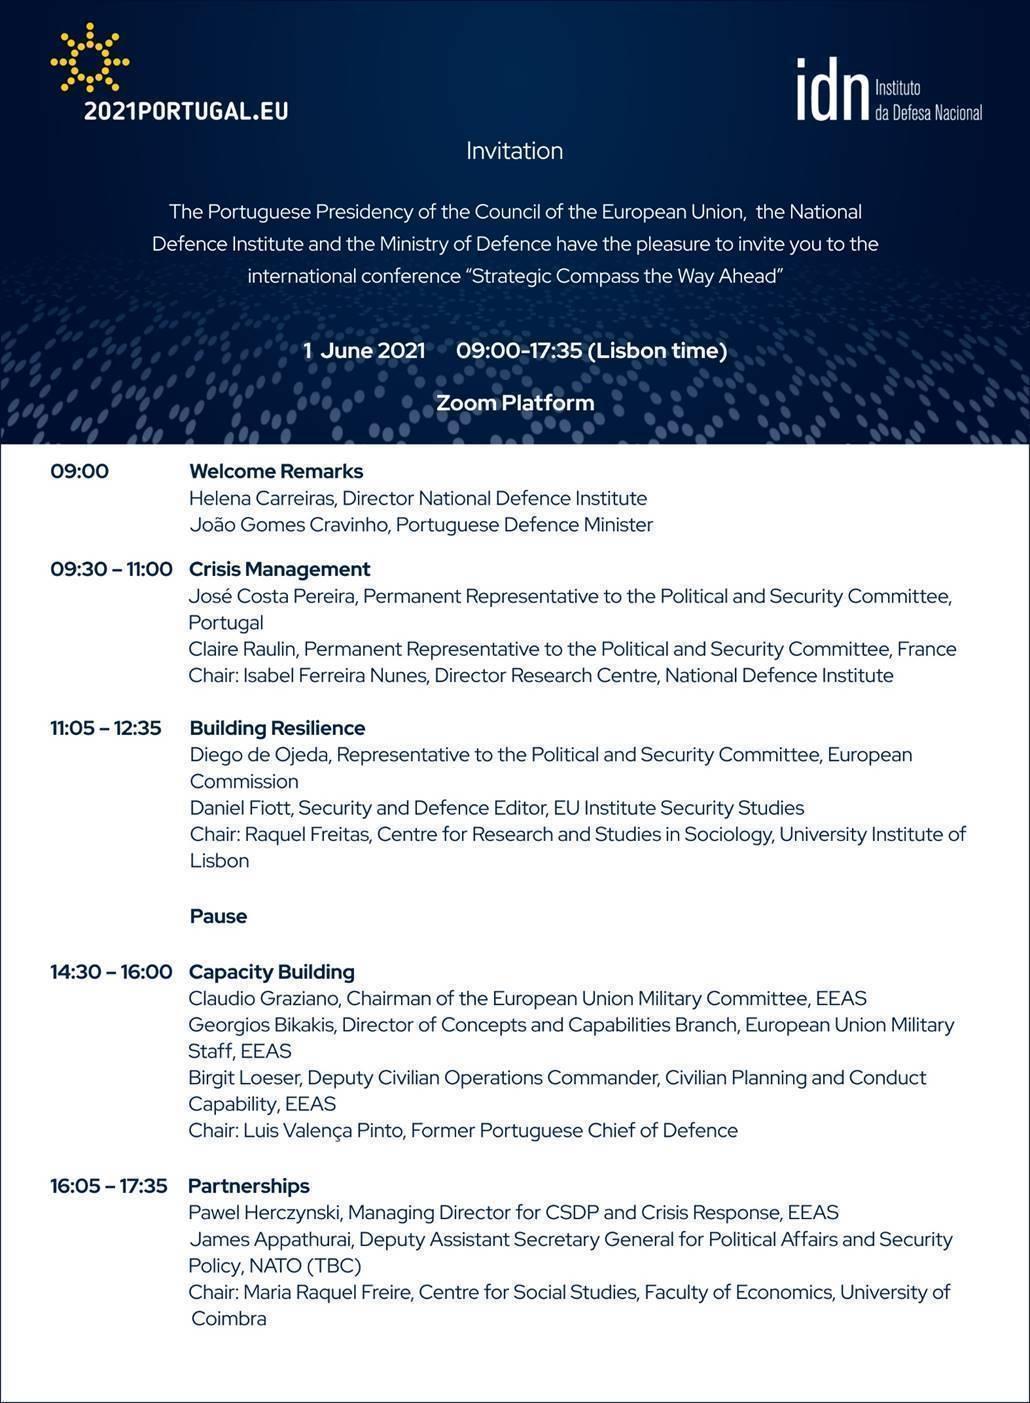 """Conferência Internacional """"A bússola estratégica, caminho a seguir"""""""